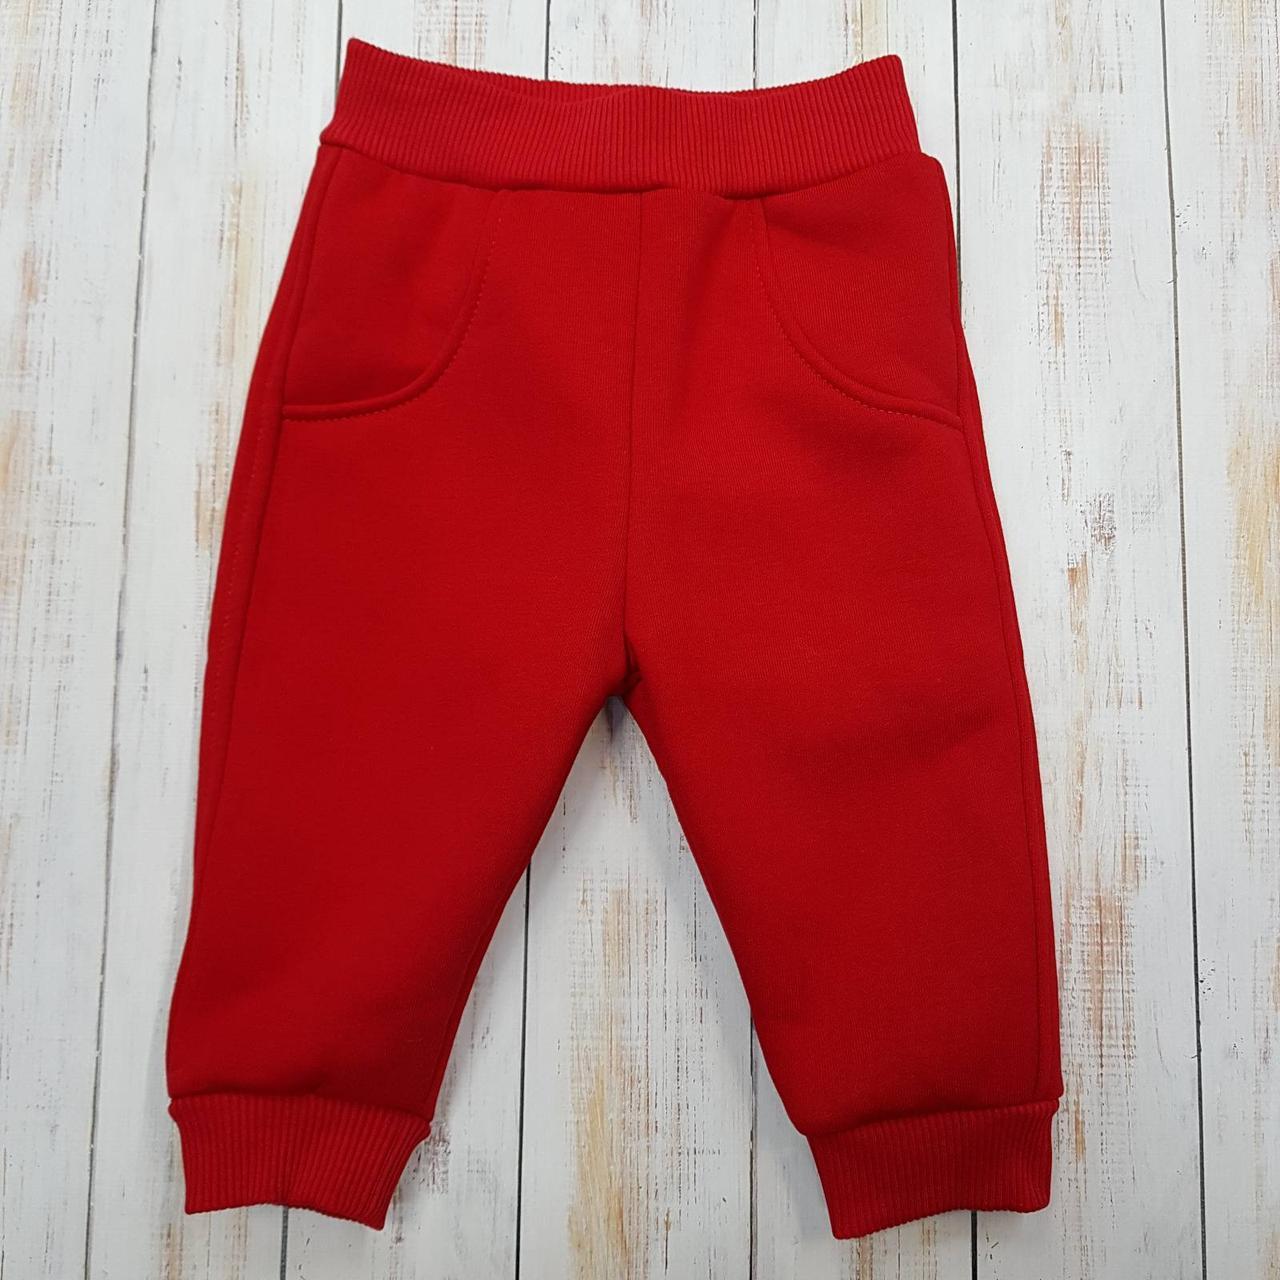 Детские штаны с начёсом красные